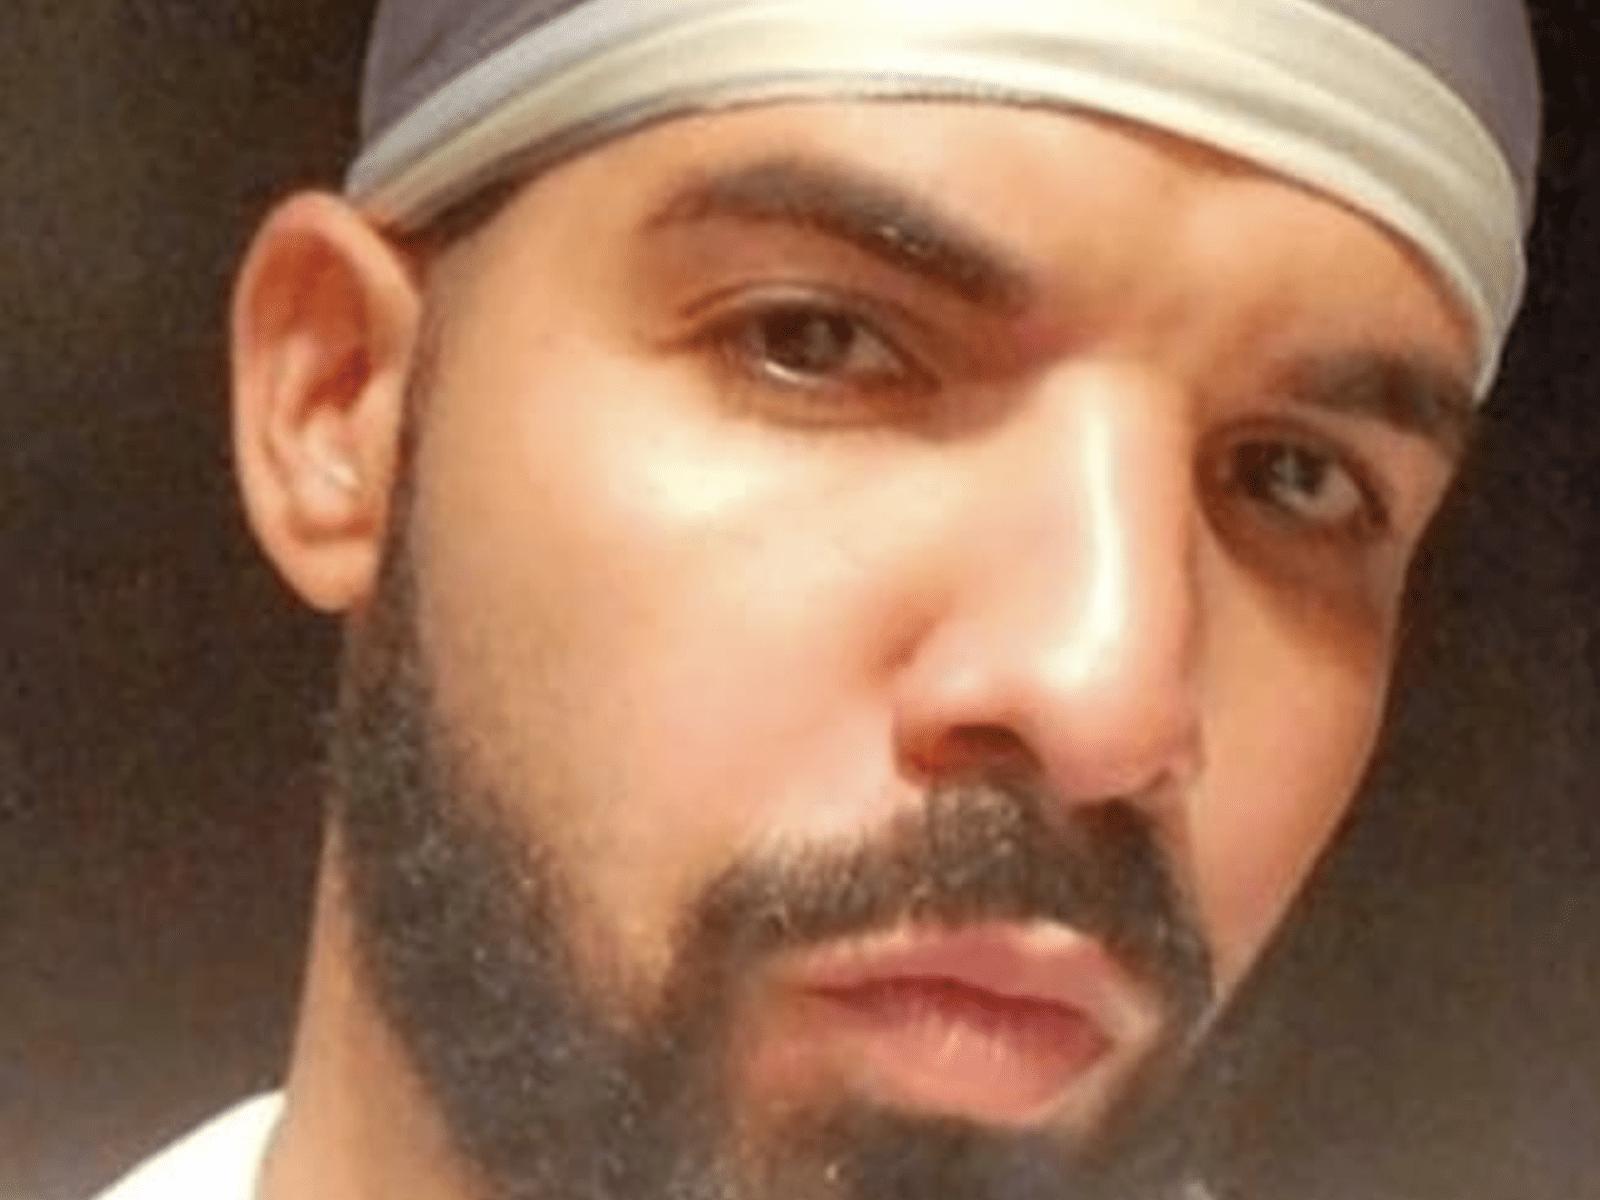 Drake Selfie Pic Moment April 17